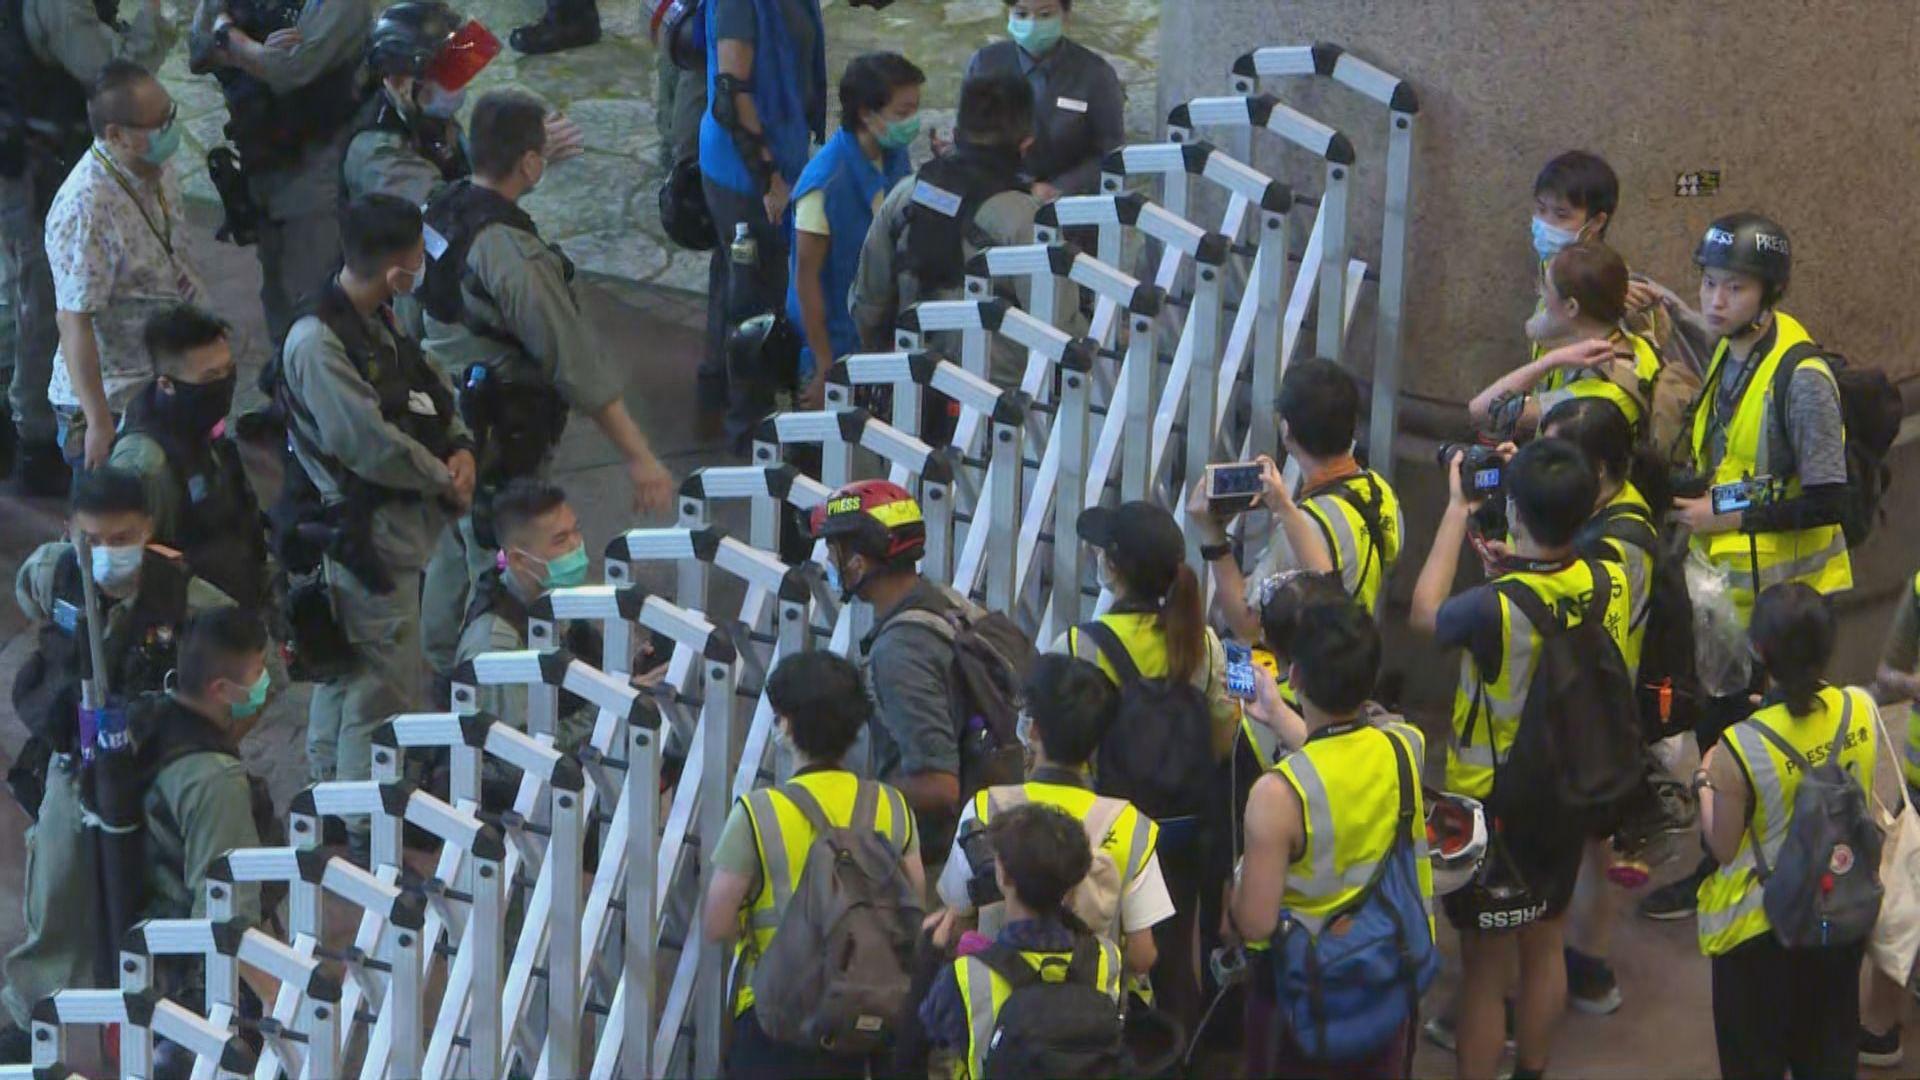 警方在時代廣場內拘捕多人 一度拉上電閘不讓記者離開